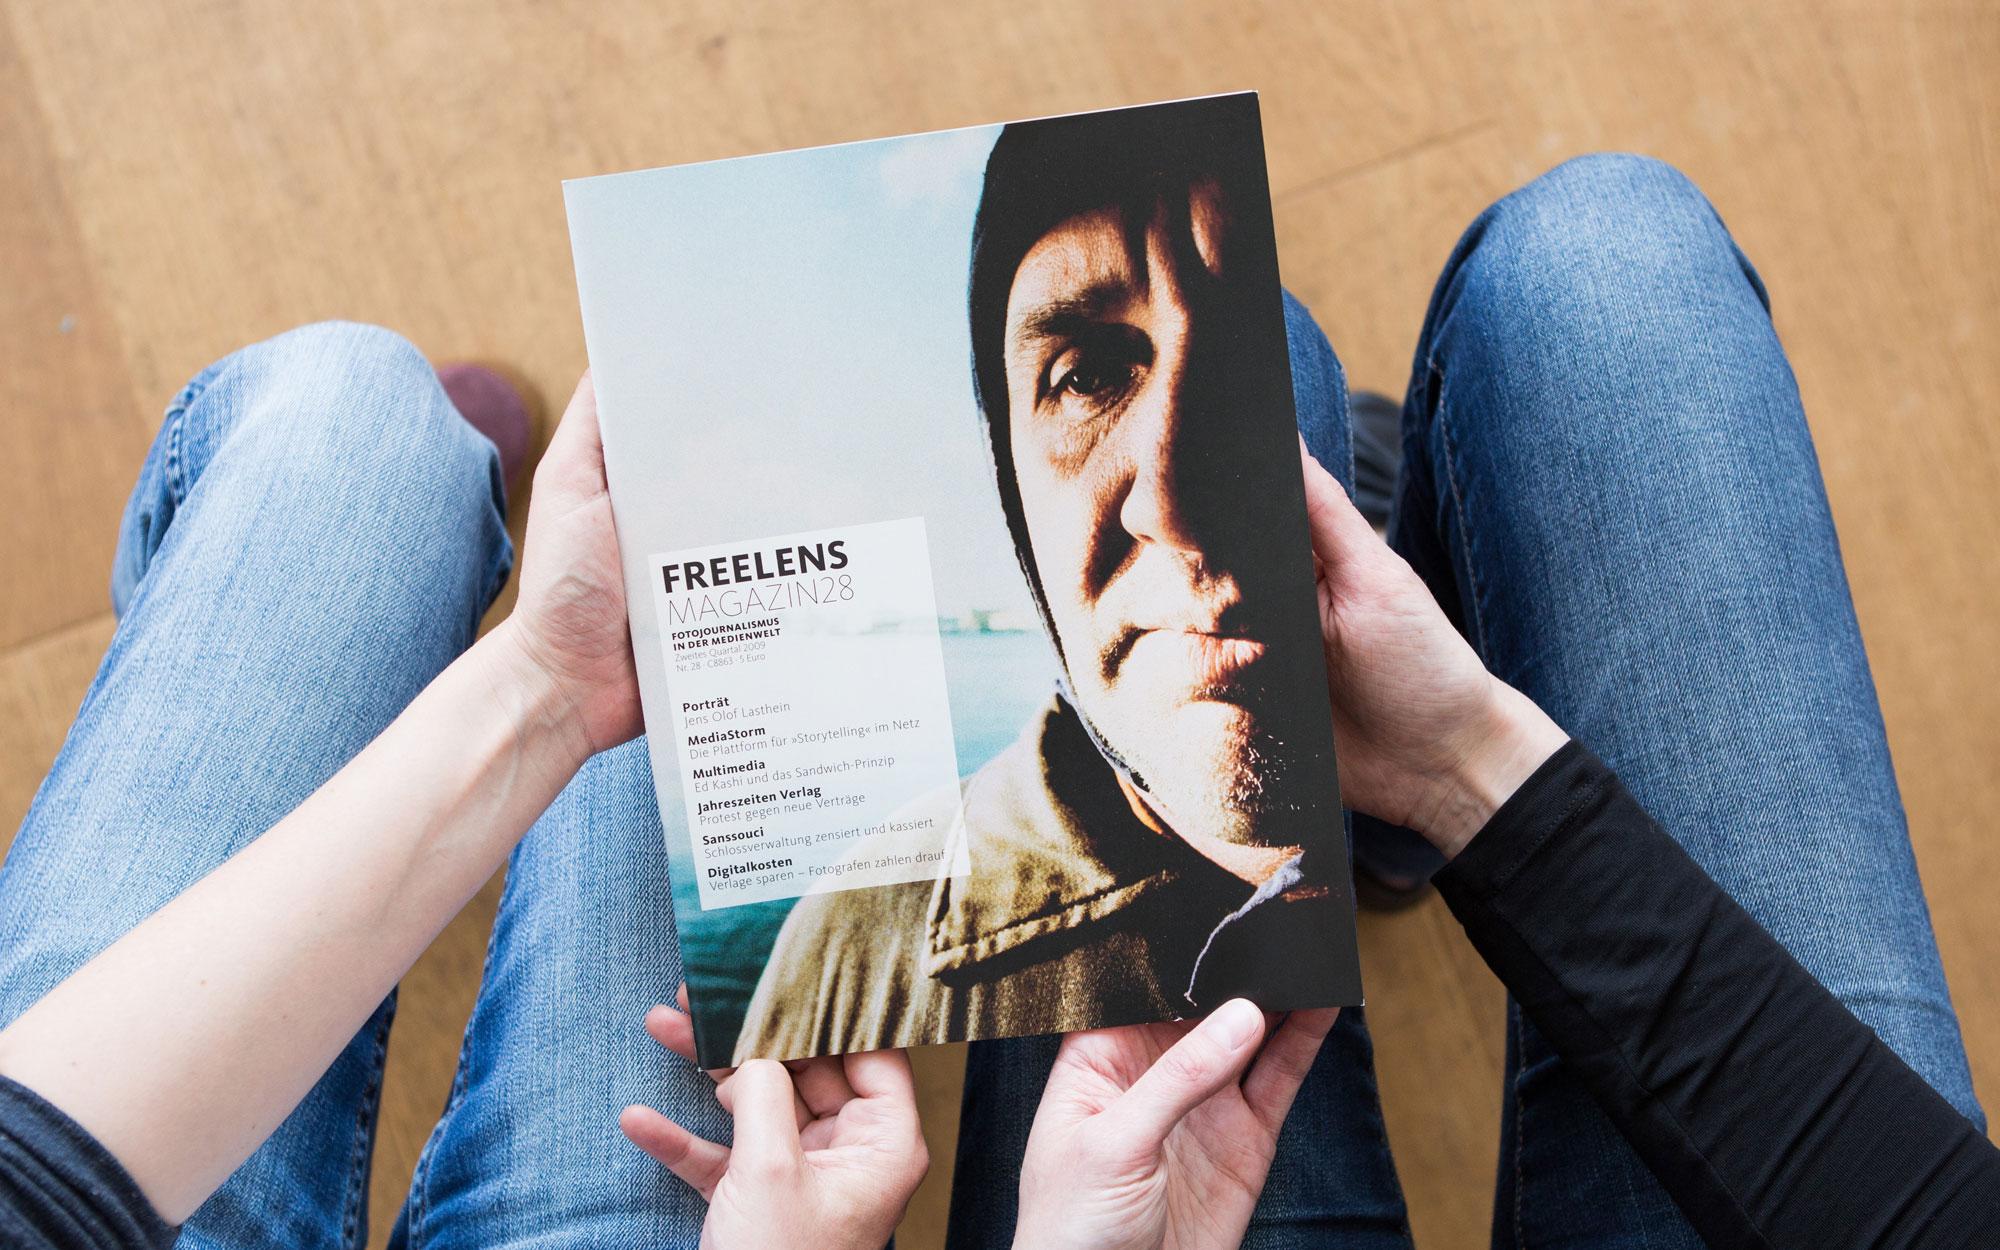 Nicht nur auf dem Titel, sondern auch im Magazin im Porträt: Jens Olof Lasthein und seine Geschichten bei 140 Grad. Foto: Lucas Wahl